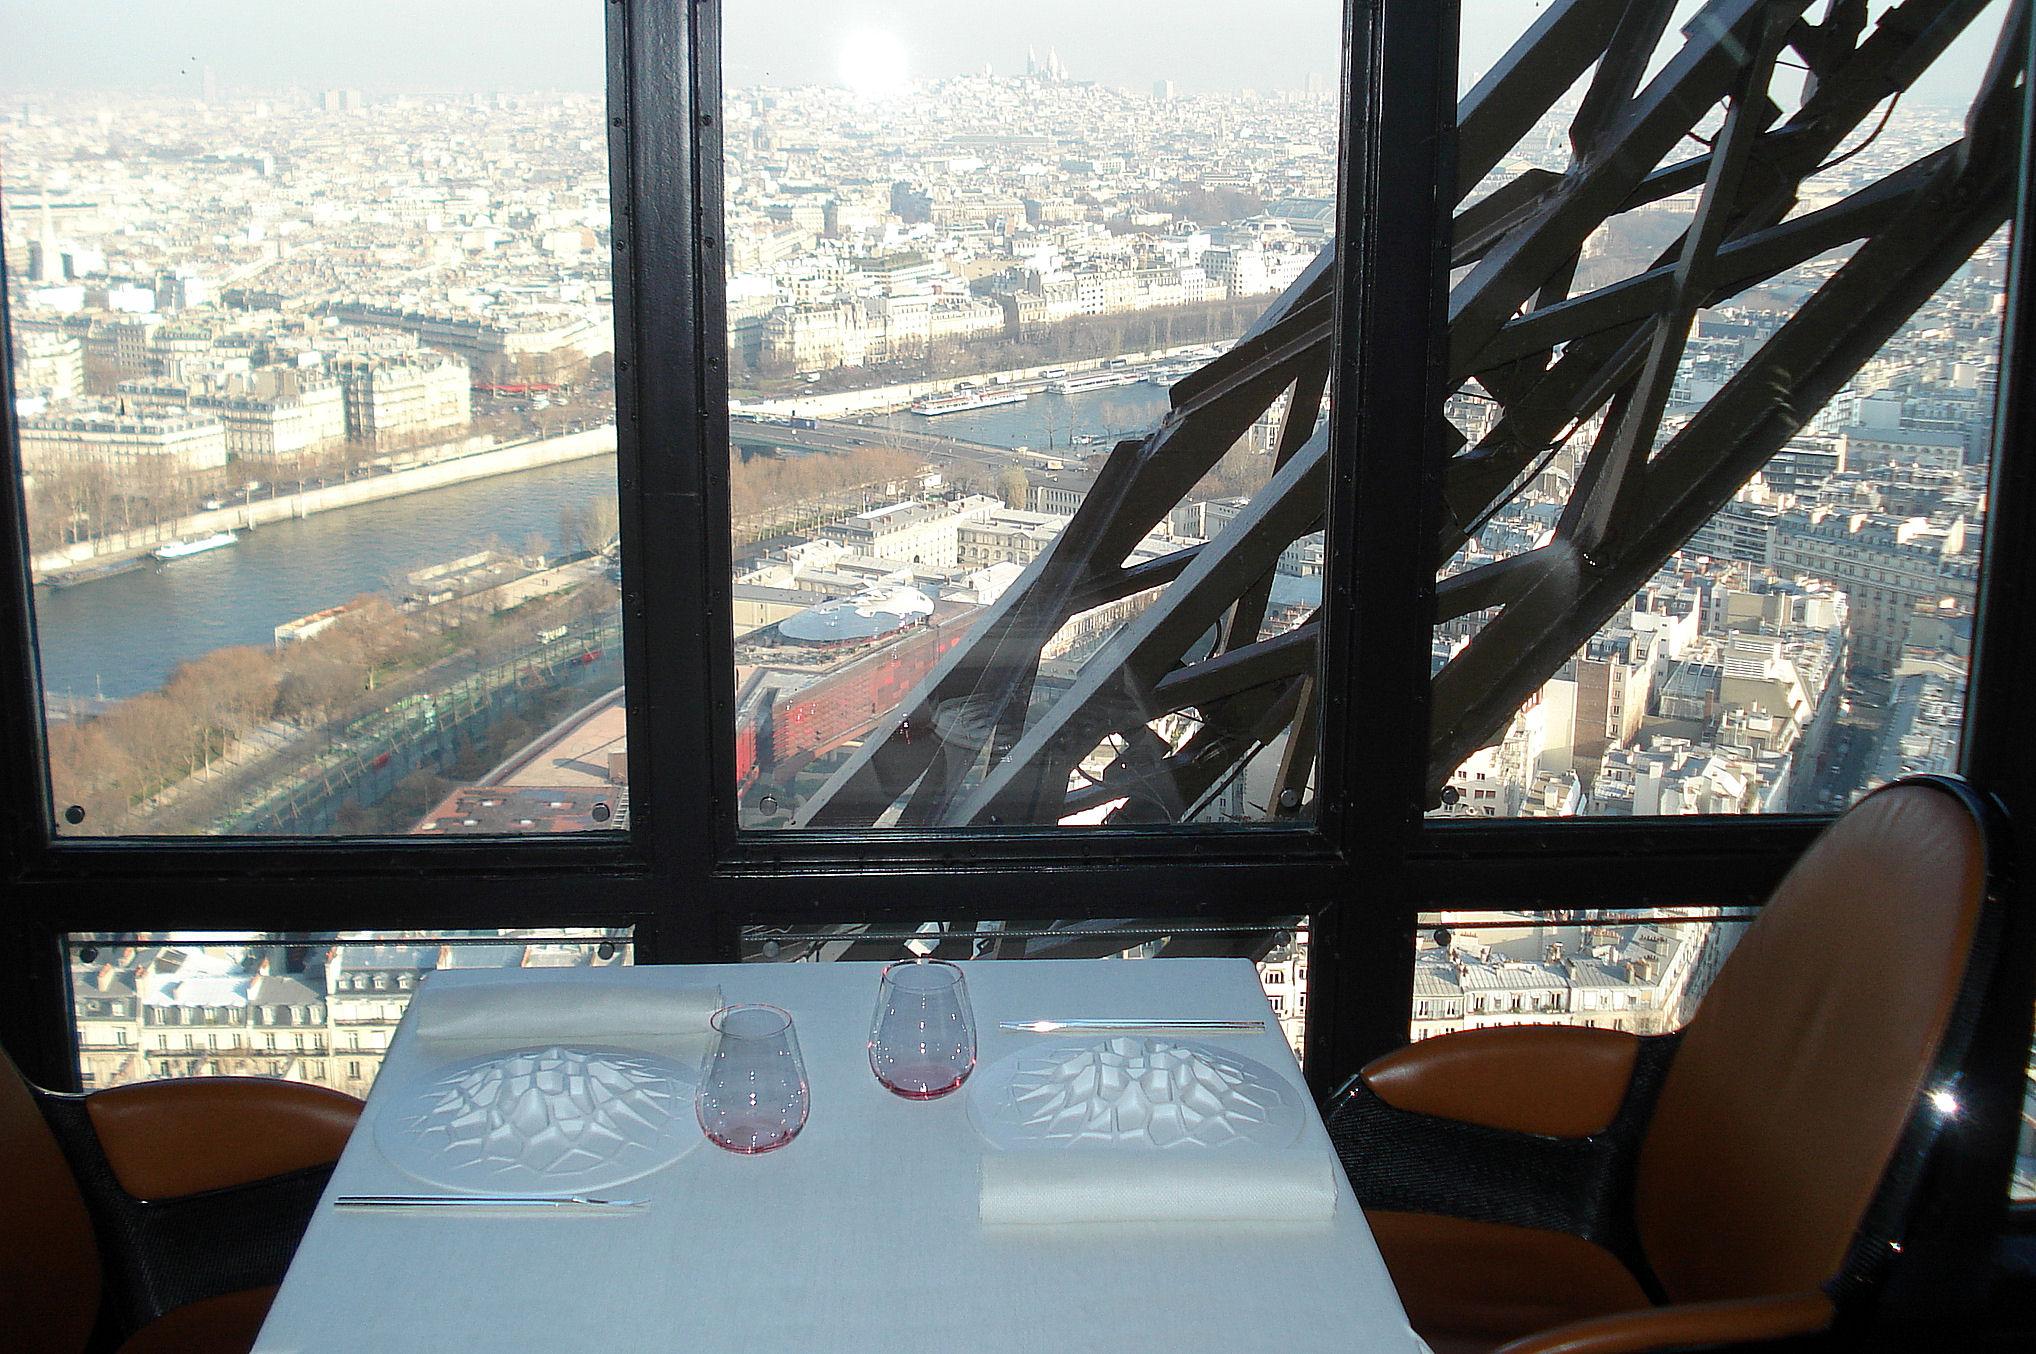 Le jules verne 2 tour eiffel paris - Restaurant dans la tour eiffel ...